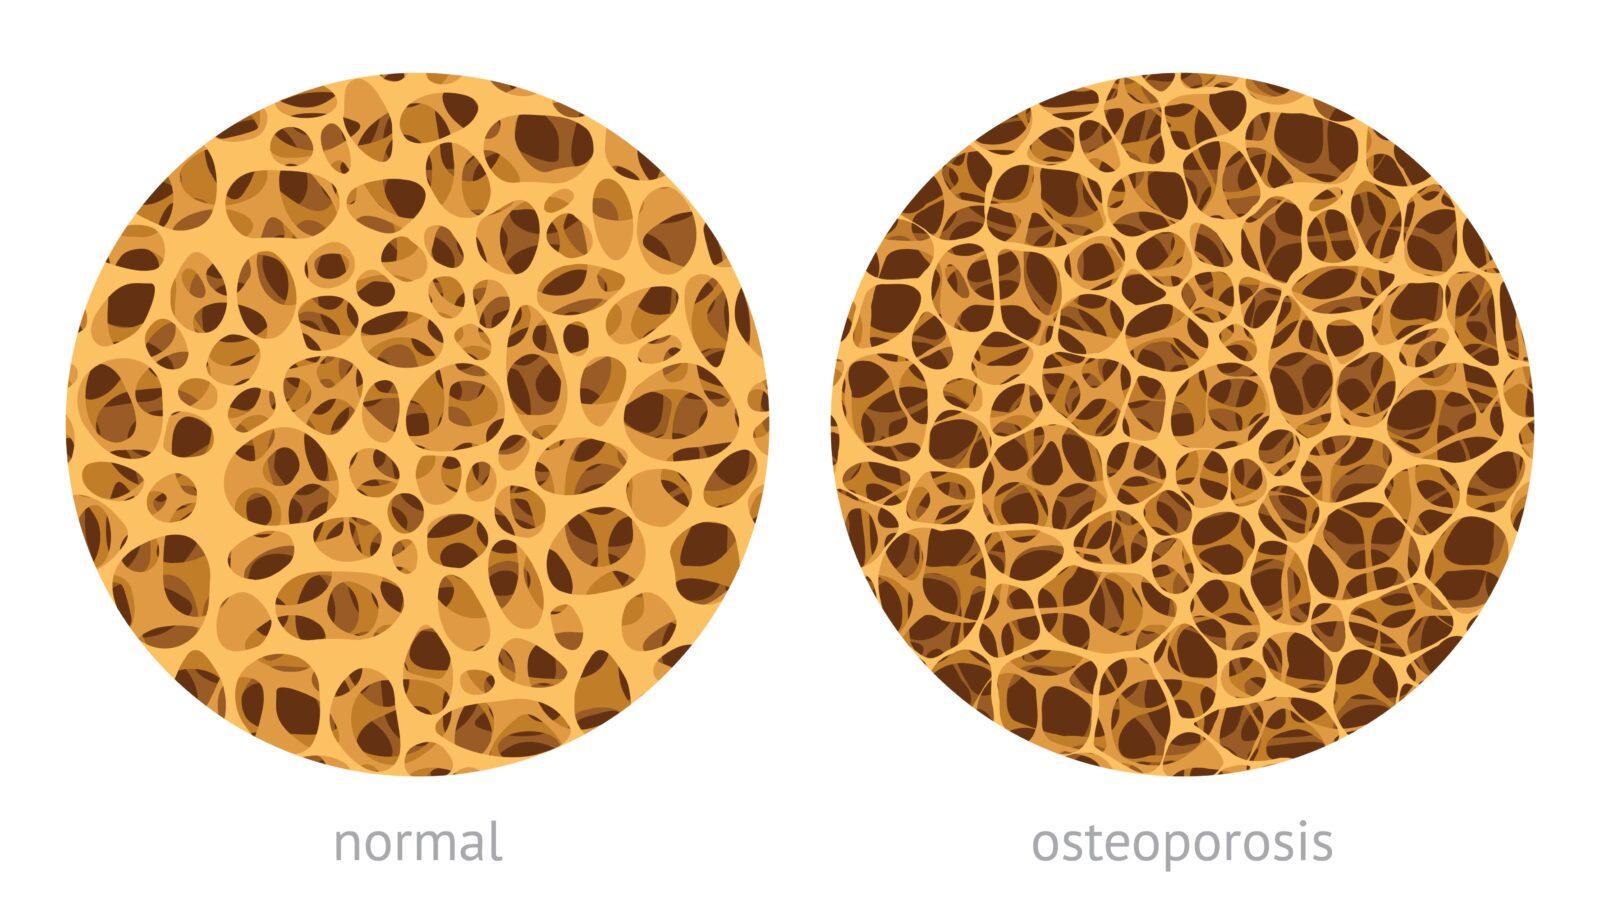 normal bone vs. osteoporosis